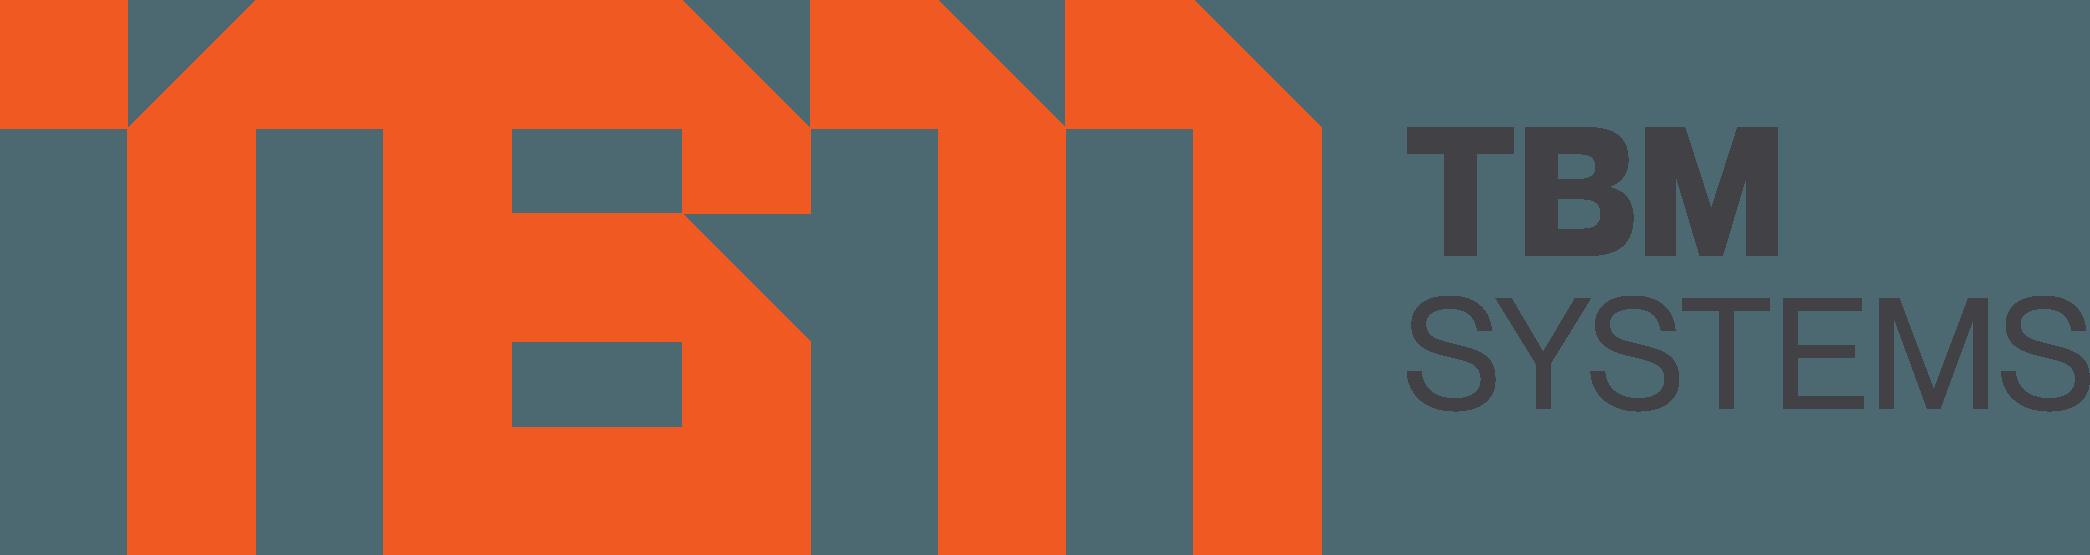 TBM-SYSTEMS - Technologia Budowy Mostów SP. Z O. O. SP. K.